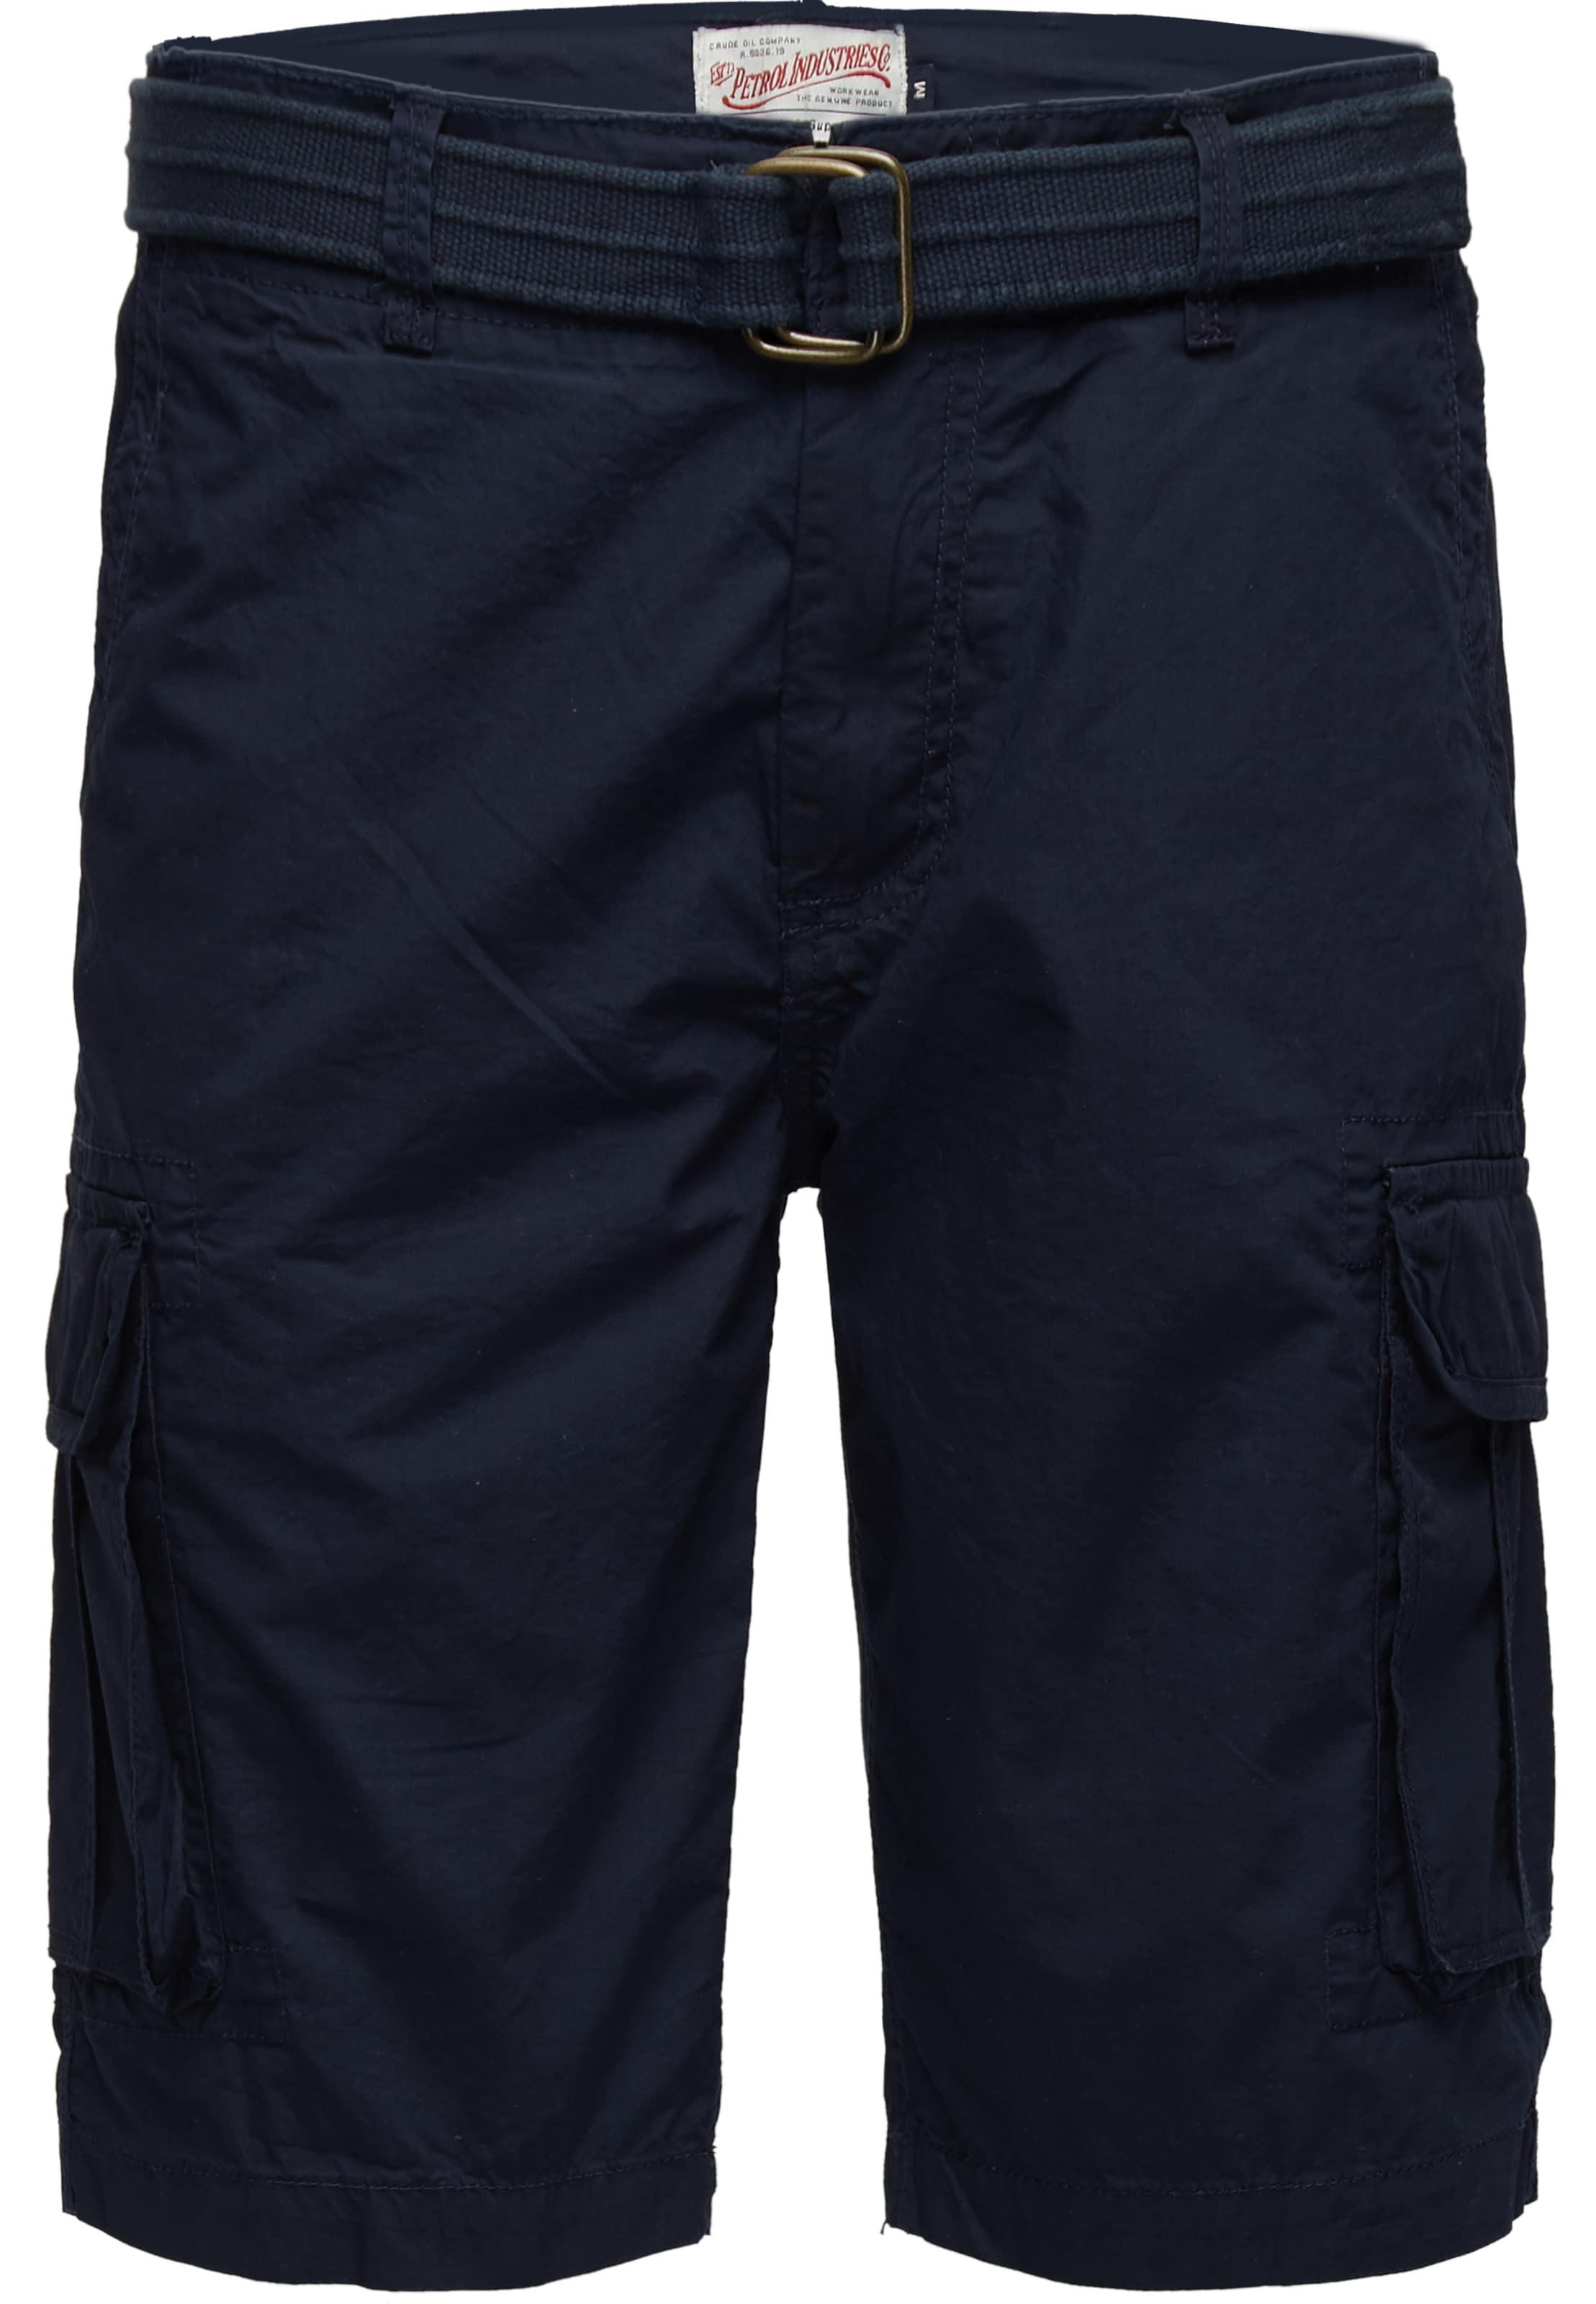 En Bleu Pantalon Petrol Cargo Nuit Industries T13JclKF